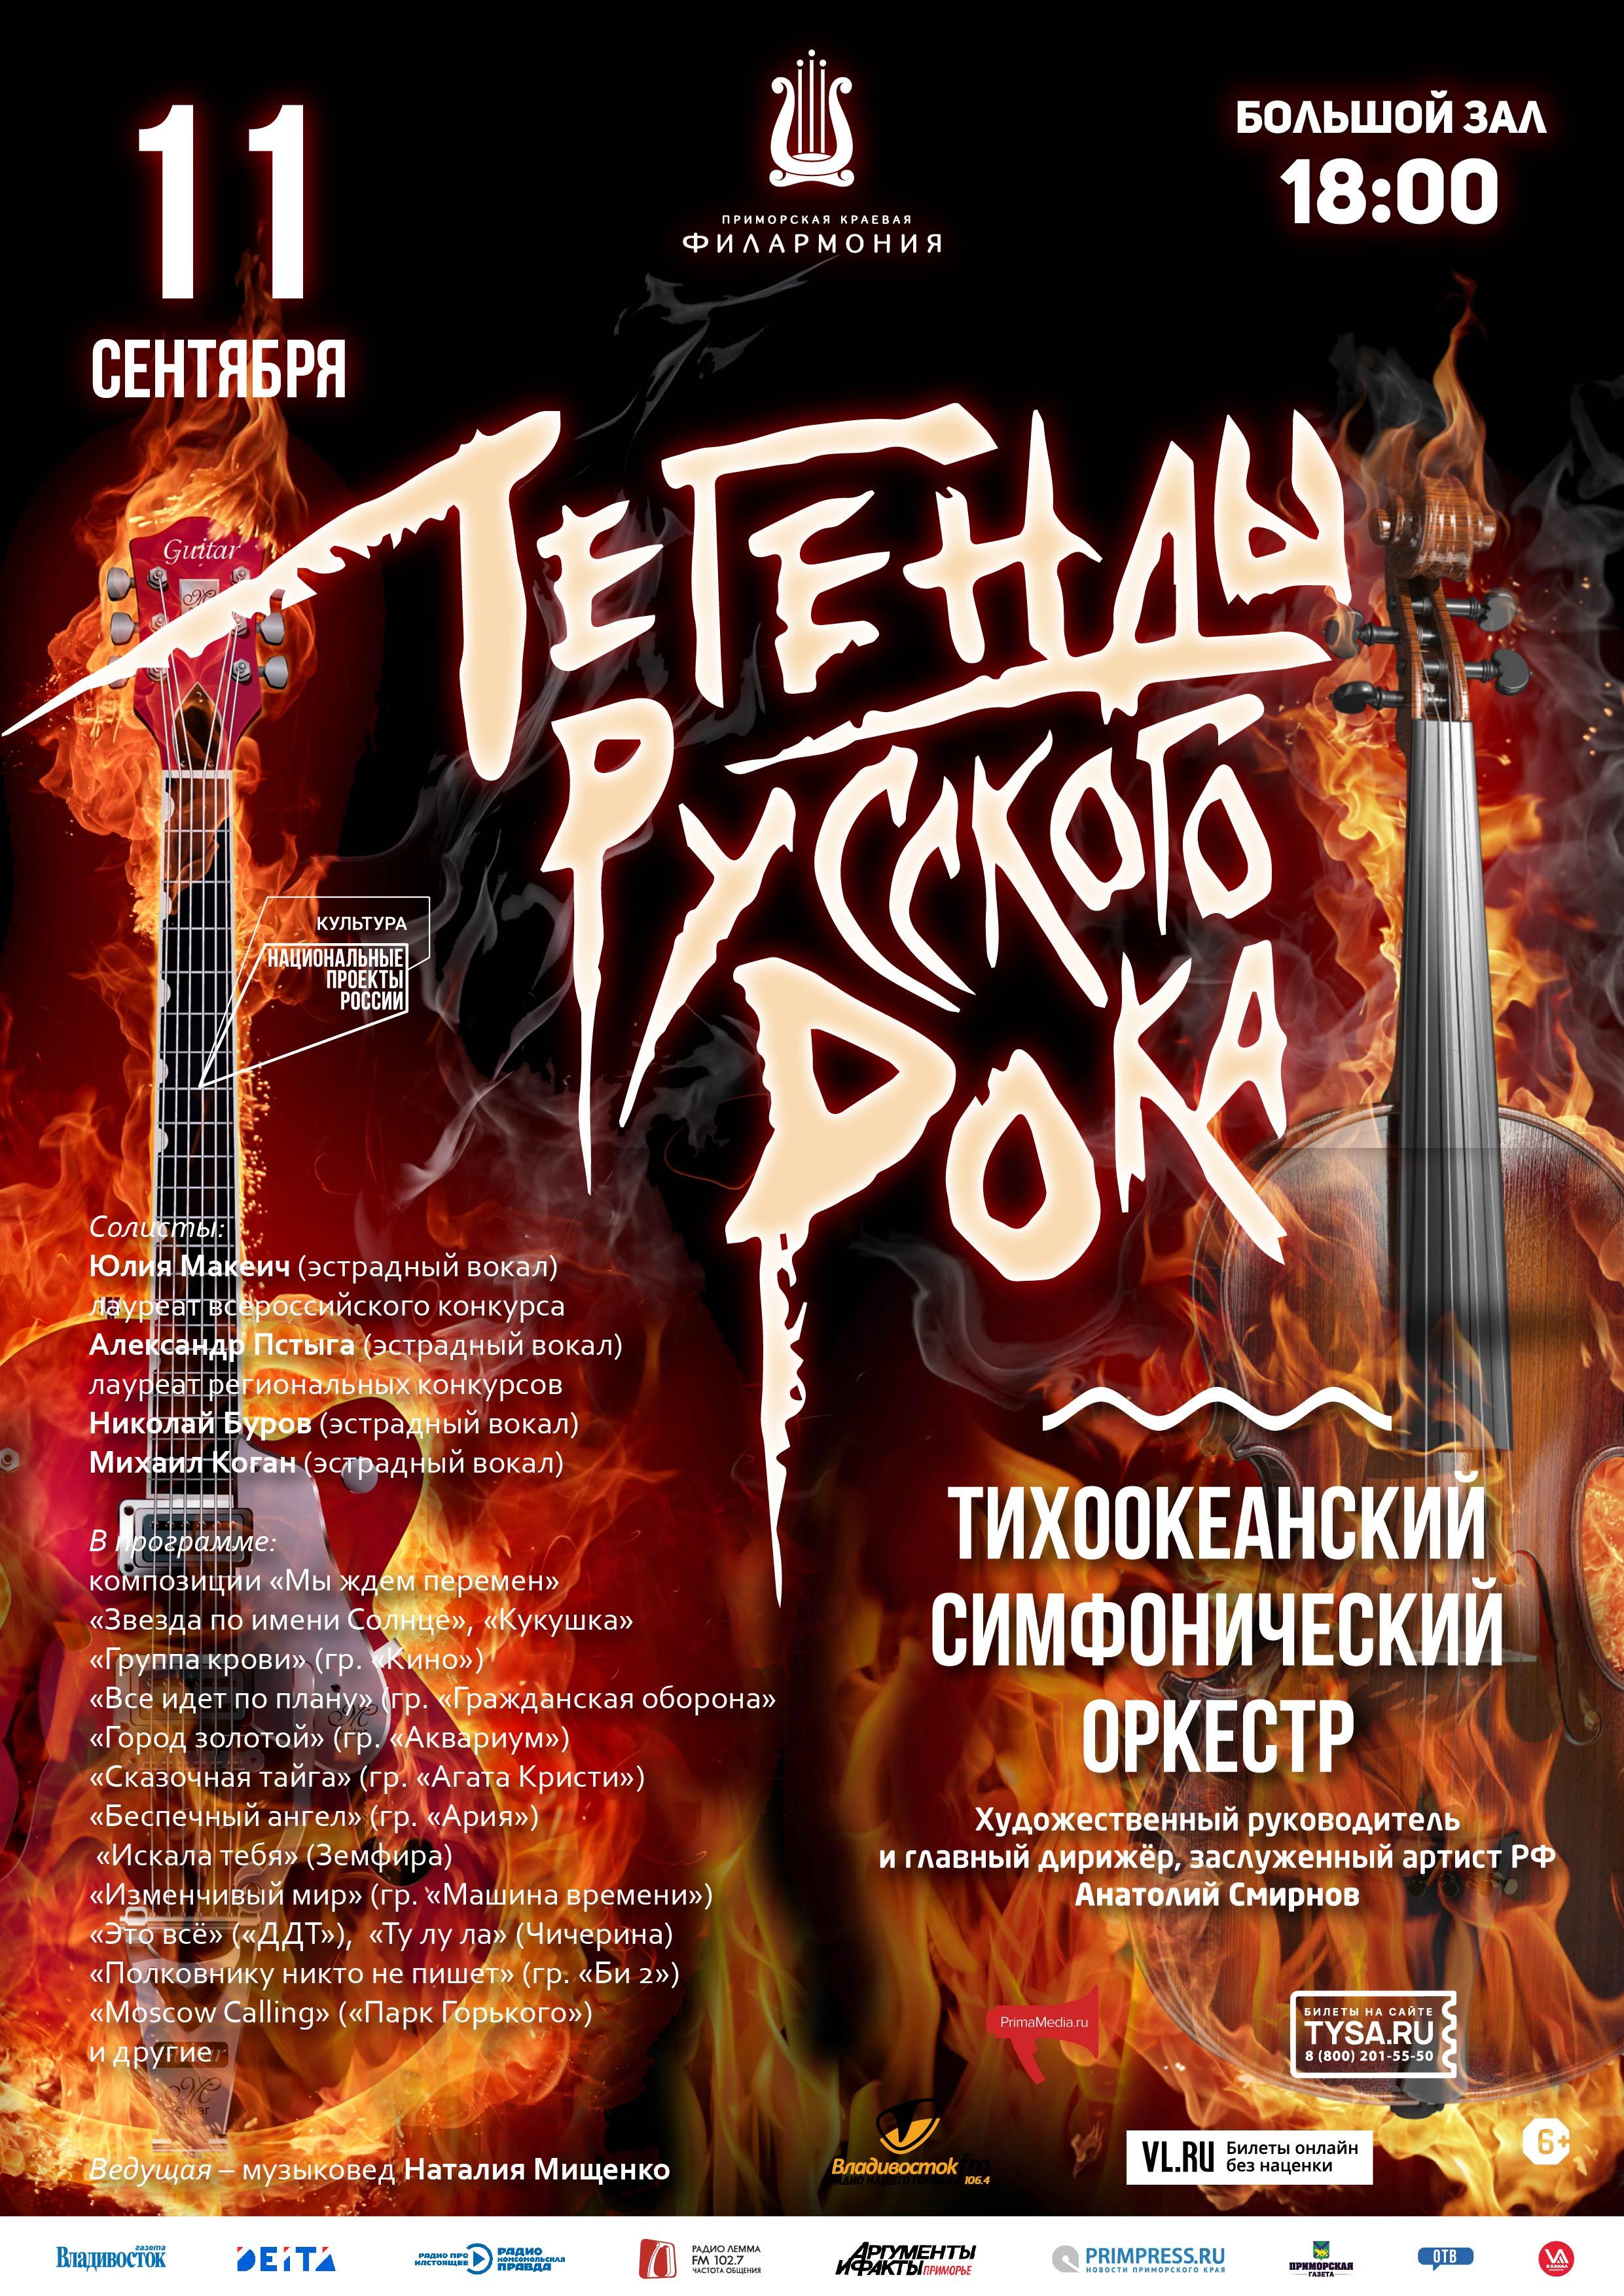 11 сентября. Концертная программа «Легенды русского рока»